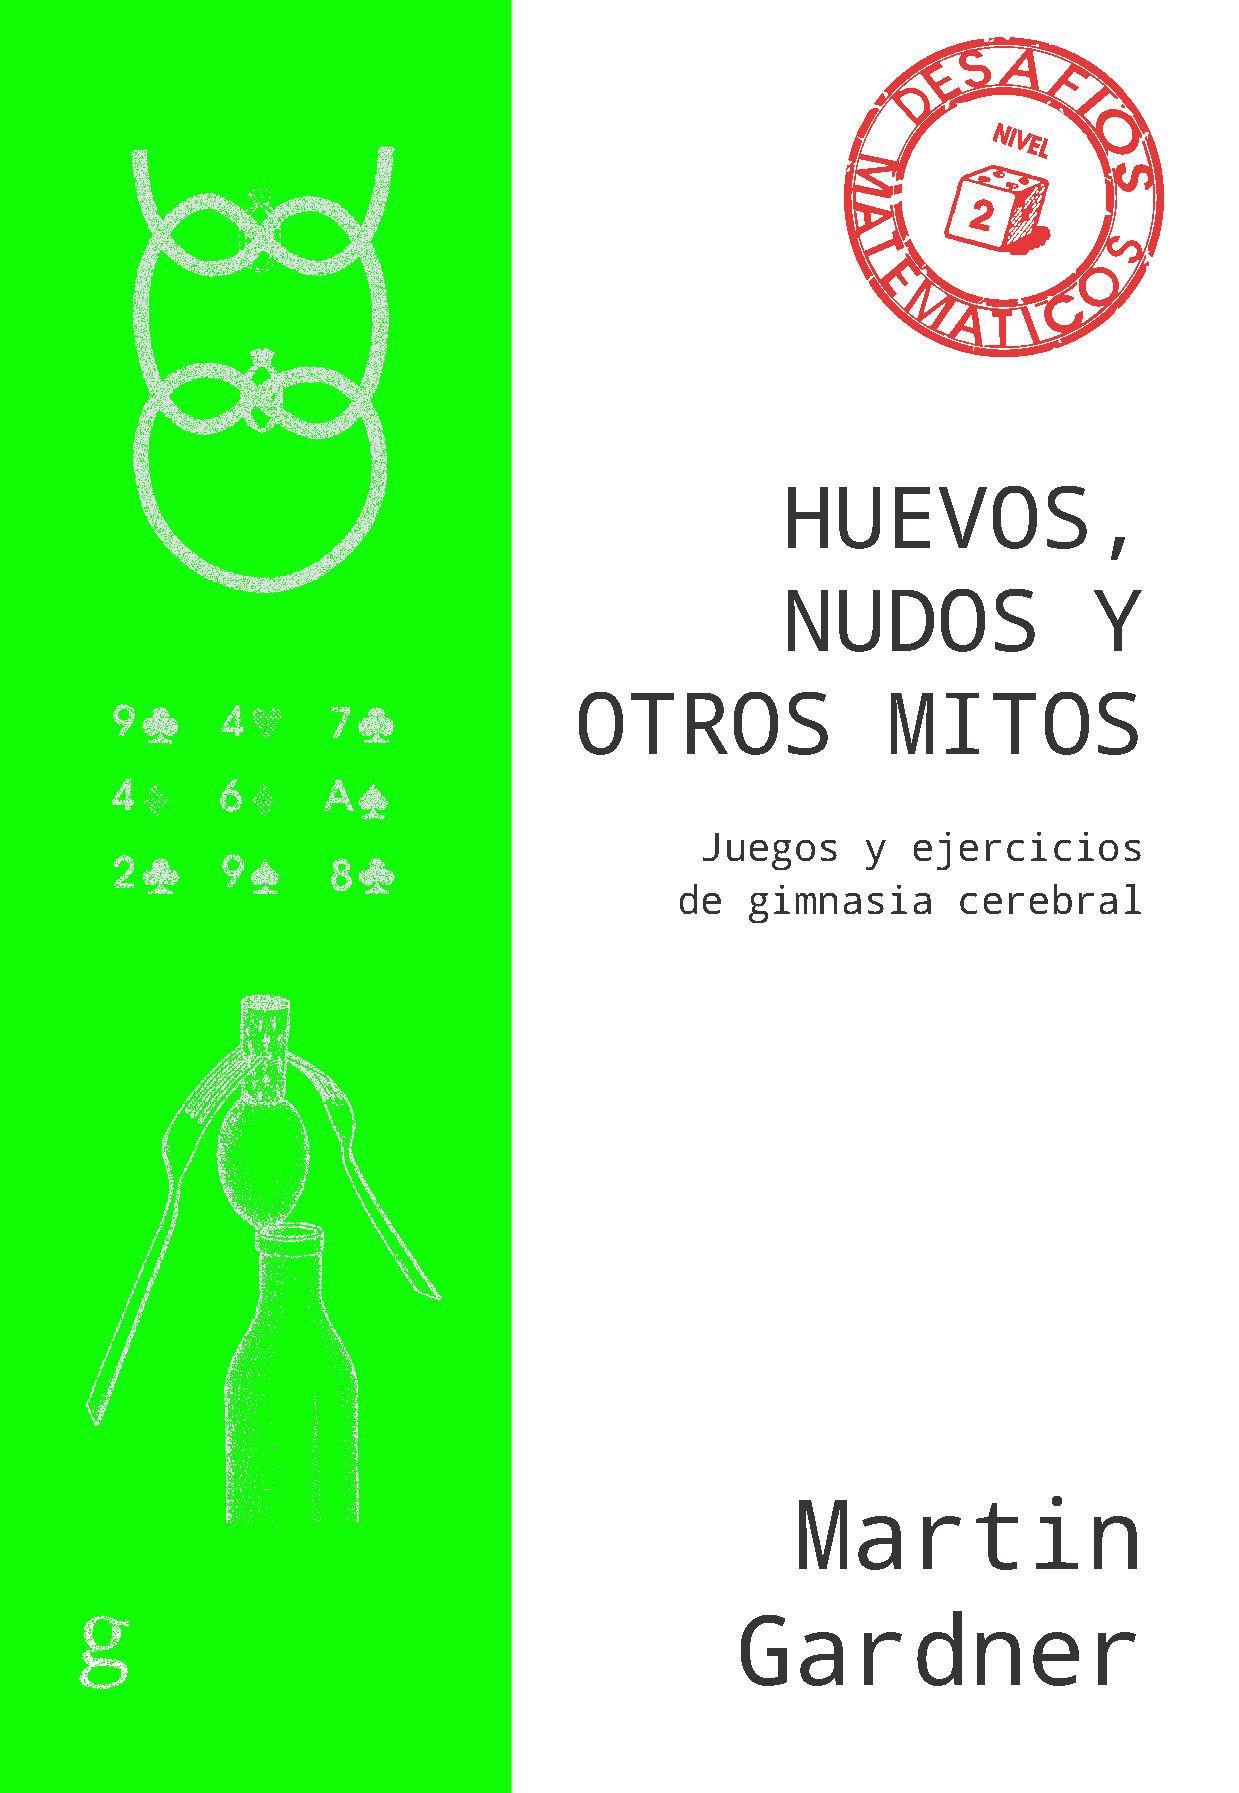 HUEVOS NUDOS Y OTROS MITOS